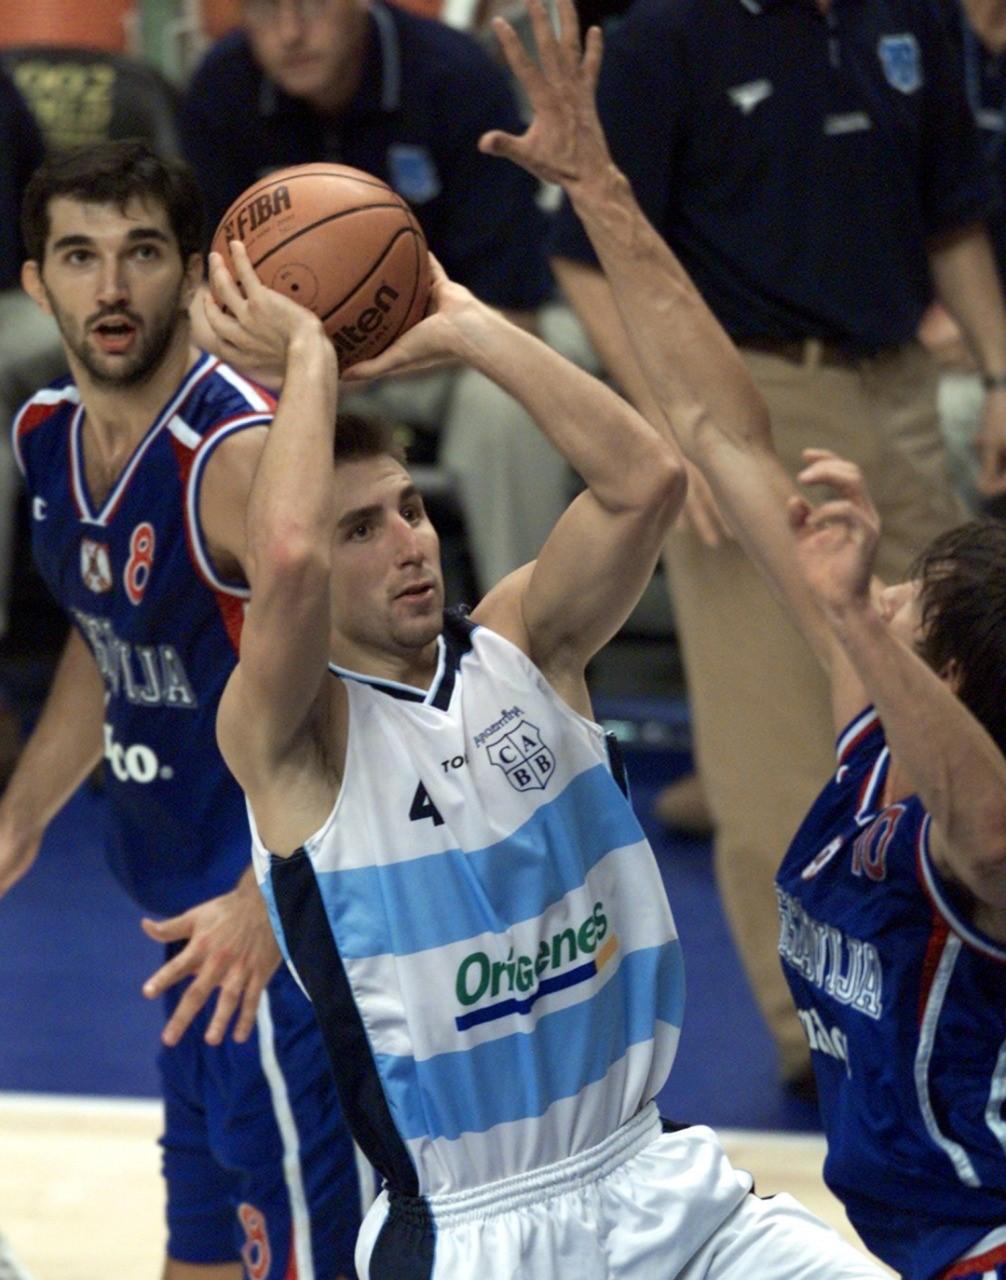 Pepe Sanchez será o padrinho das Nuevas Estrellas / Foto: Divulgação/FIBA